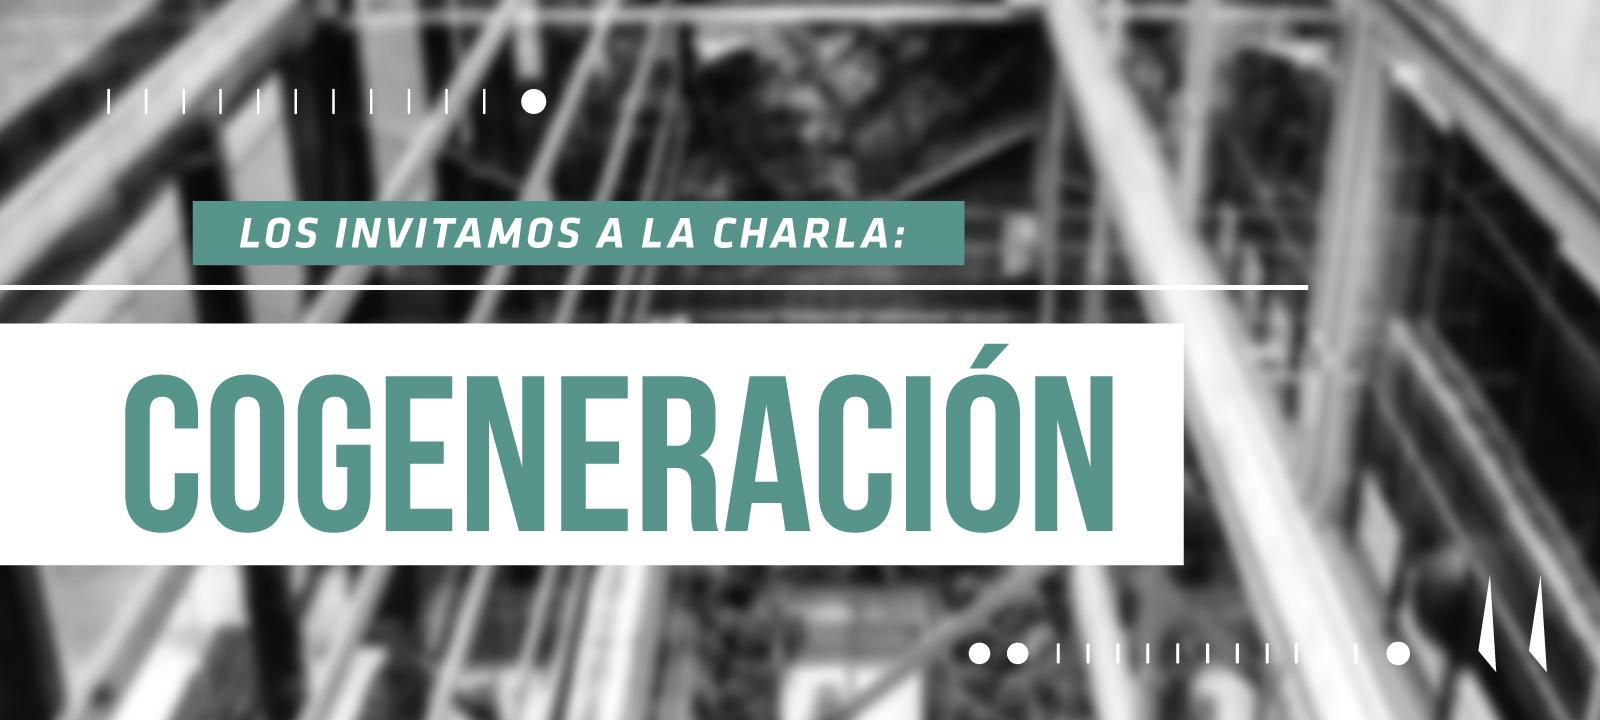 Los invitamos a la charla de maestría: Cogeneración